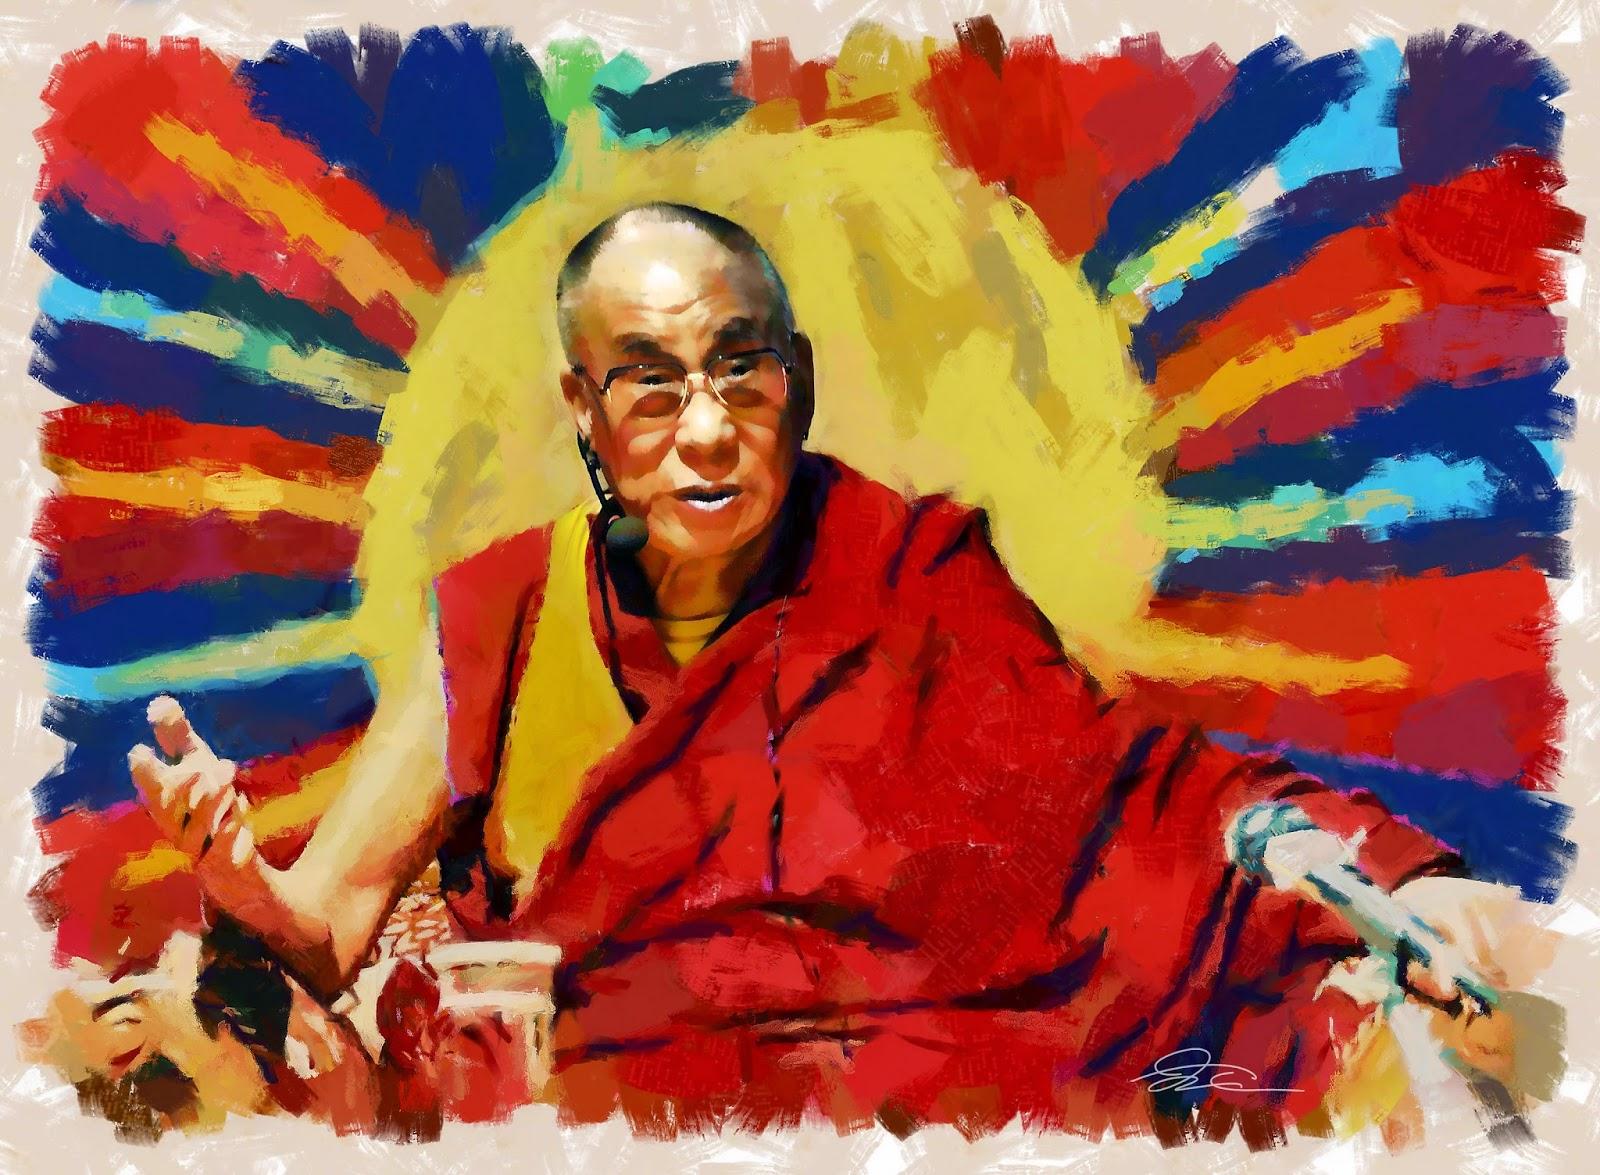 nhung-cau-noi-noi-tieng-cua-dalai-lama